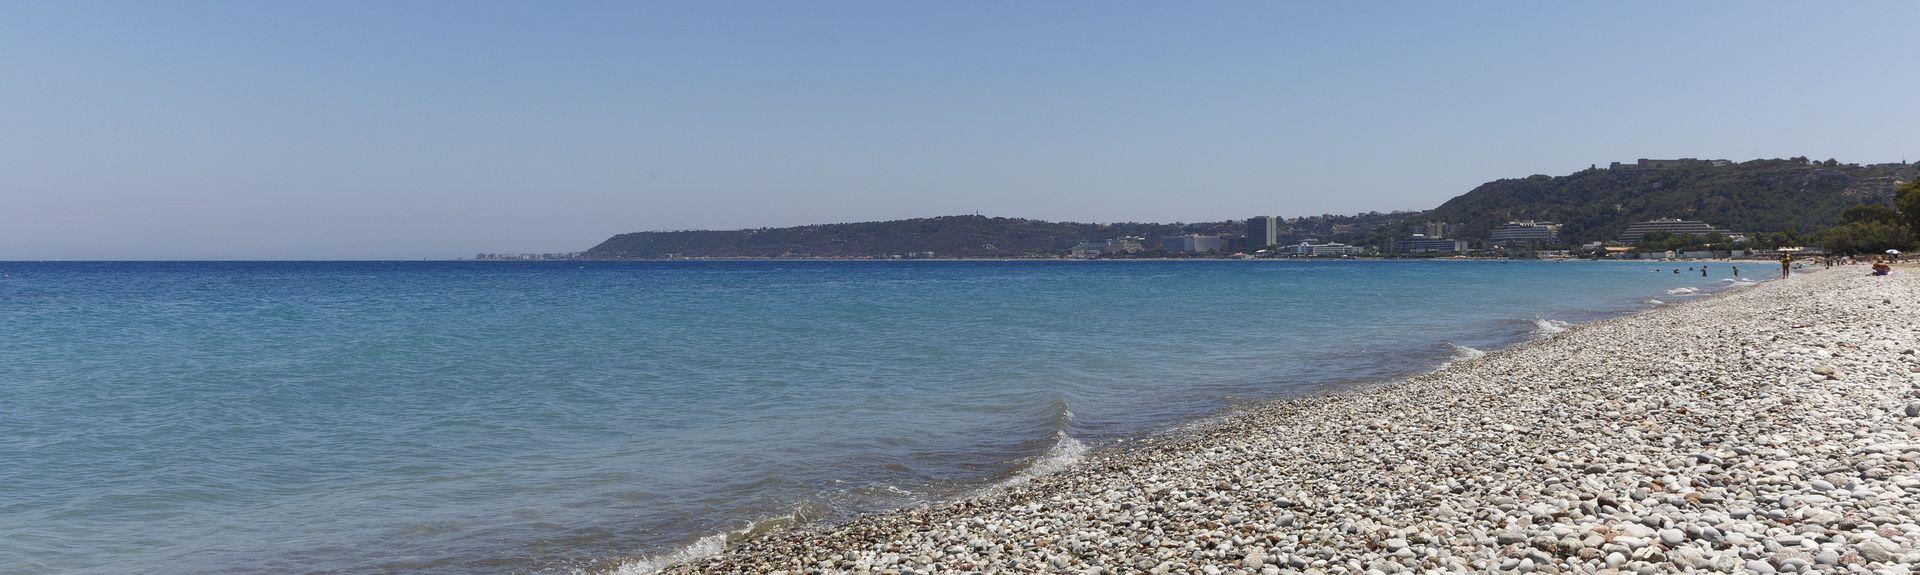 Peuraveistos, Ródos, Etelä-Egean saaret, Kreikka